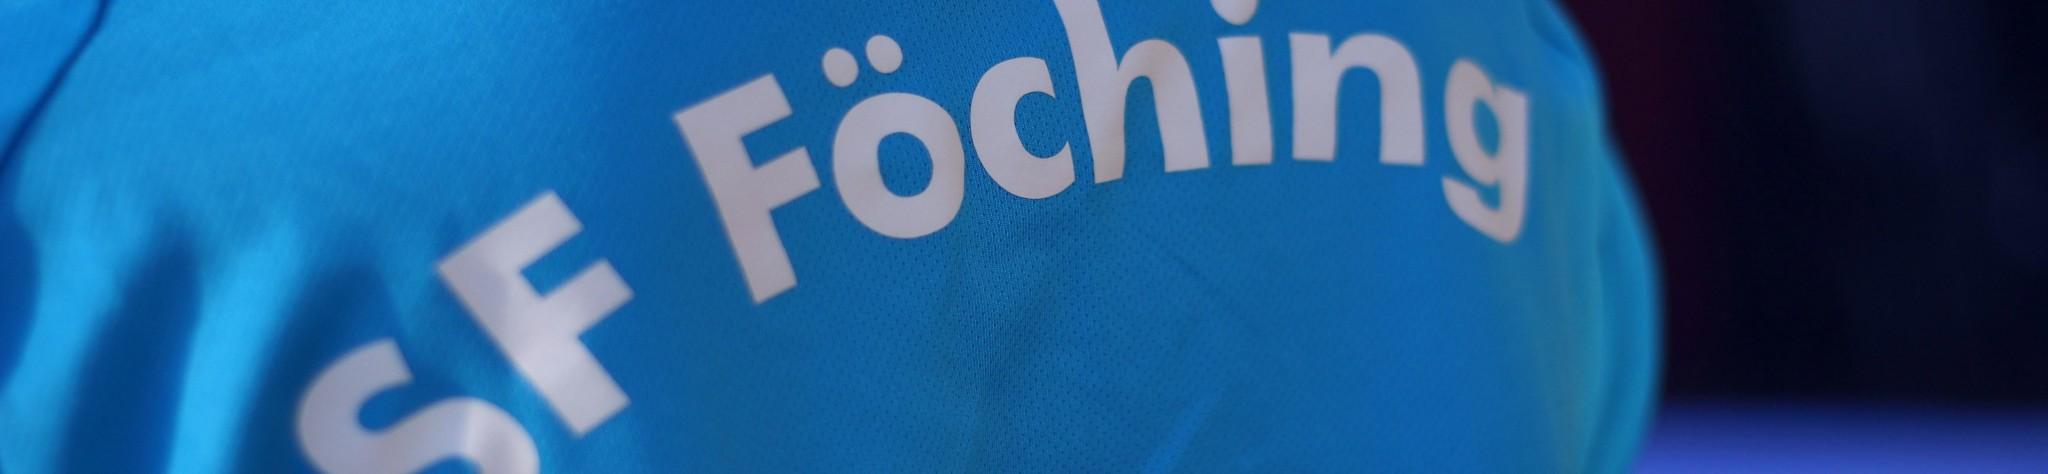 Sportfreunde Föching Handball Schriftzug Trikot